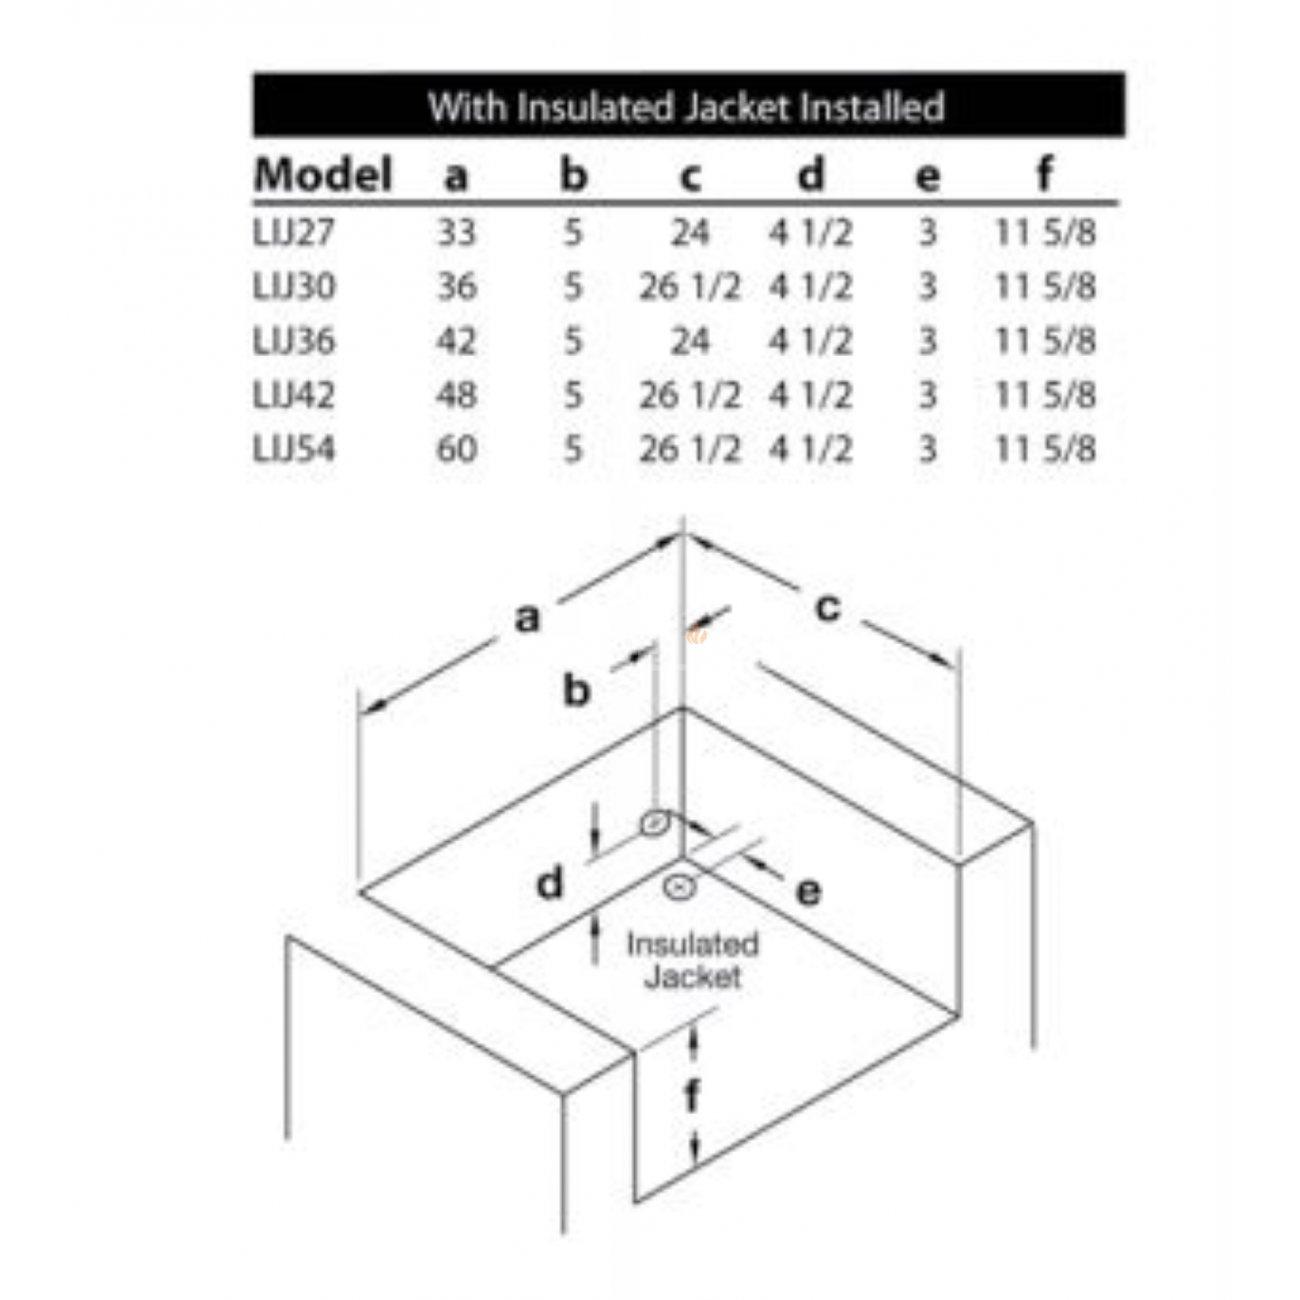 lynx grill 36 einbau gasgrill f r die au enk ch. Black Bedroom Furniture Sets. Home Design Ideas